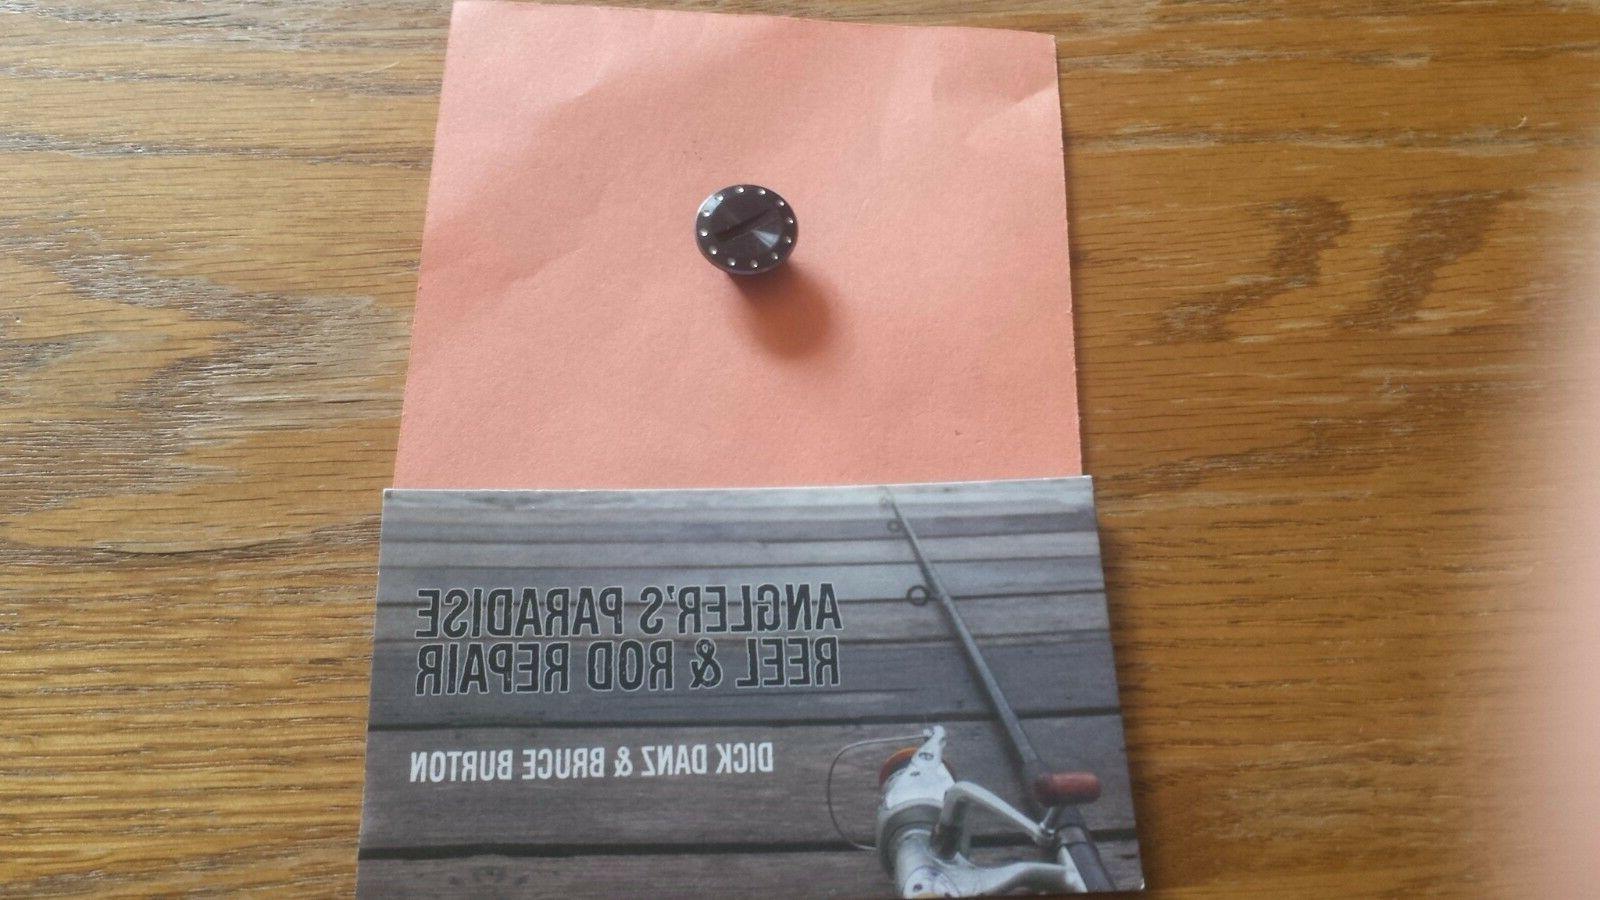 reel repair parts handle knob screw cap